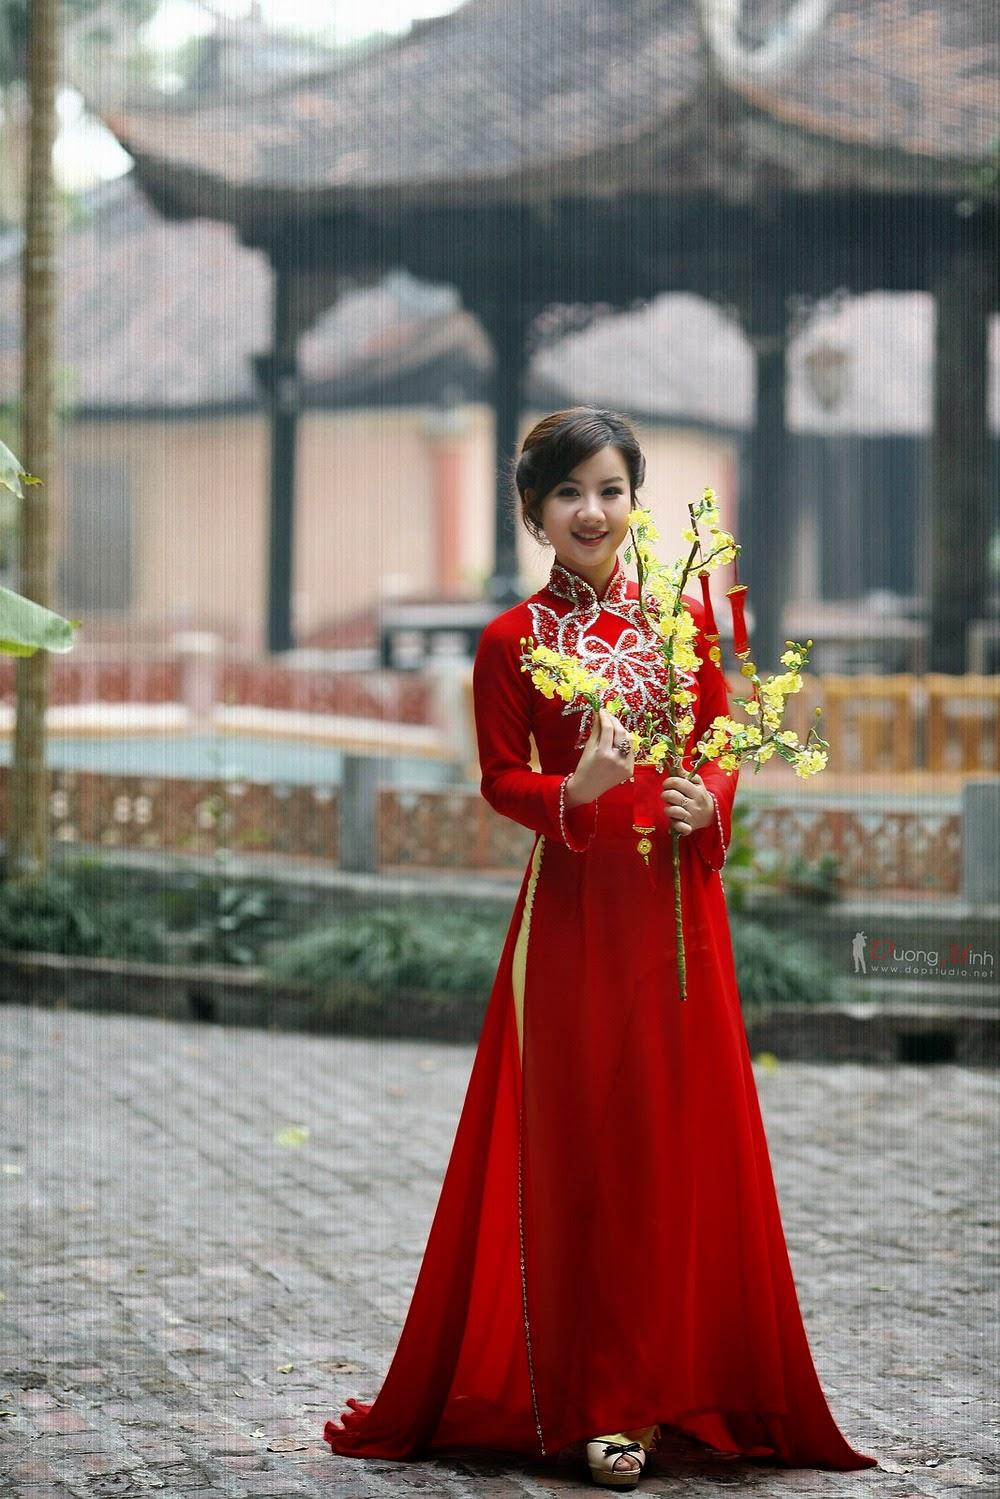 Ảnh đẹp girl xinh Áo dài truyền thống Việt Nam - Ảnh 12